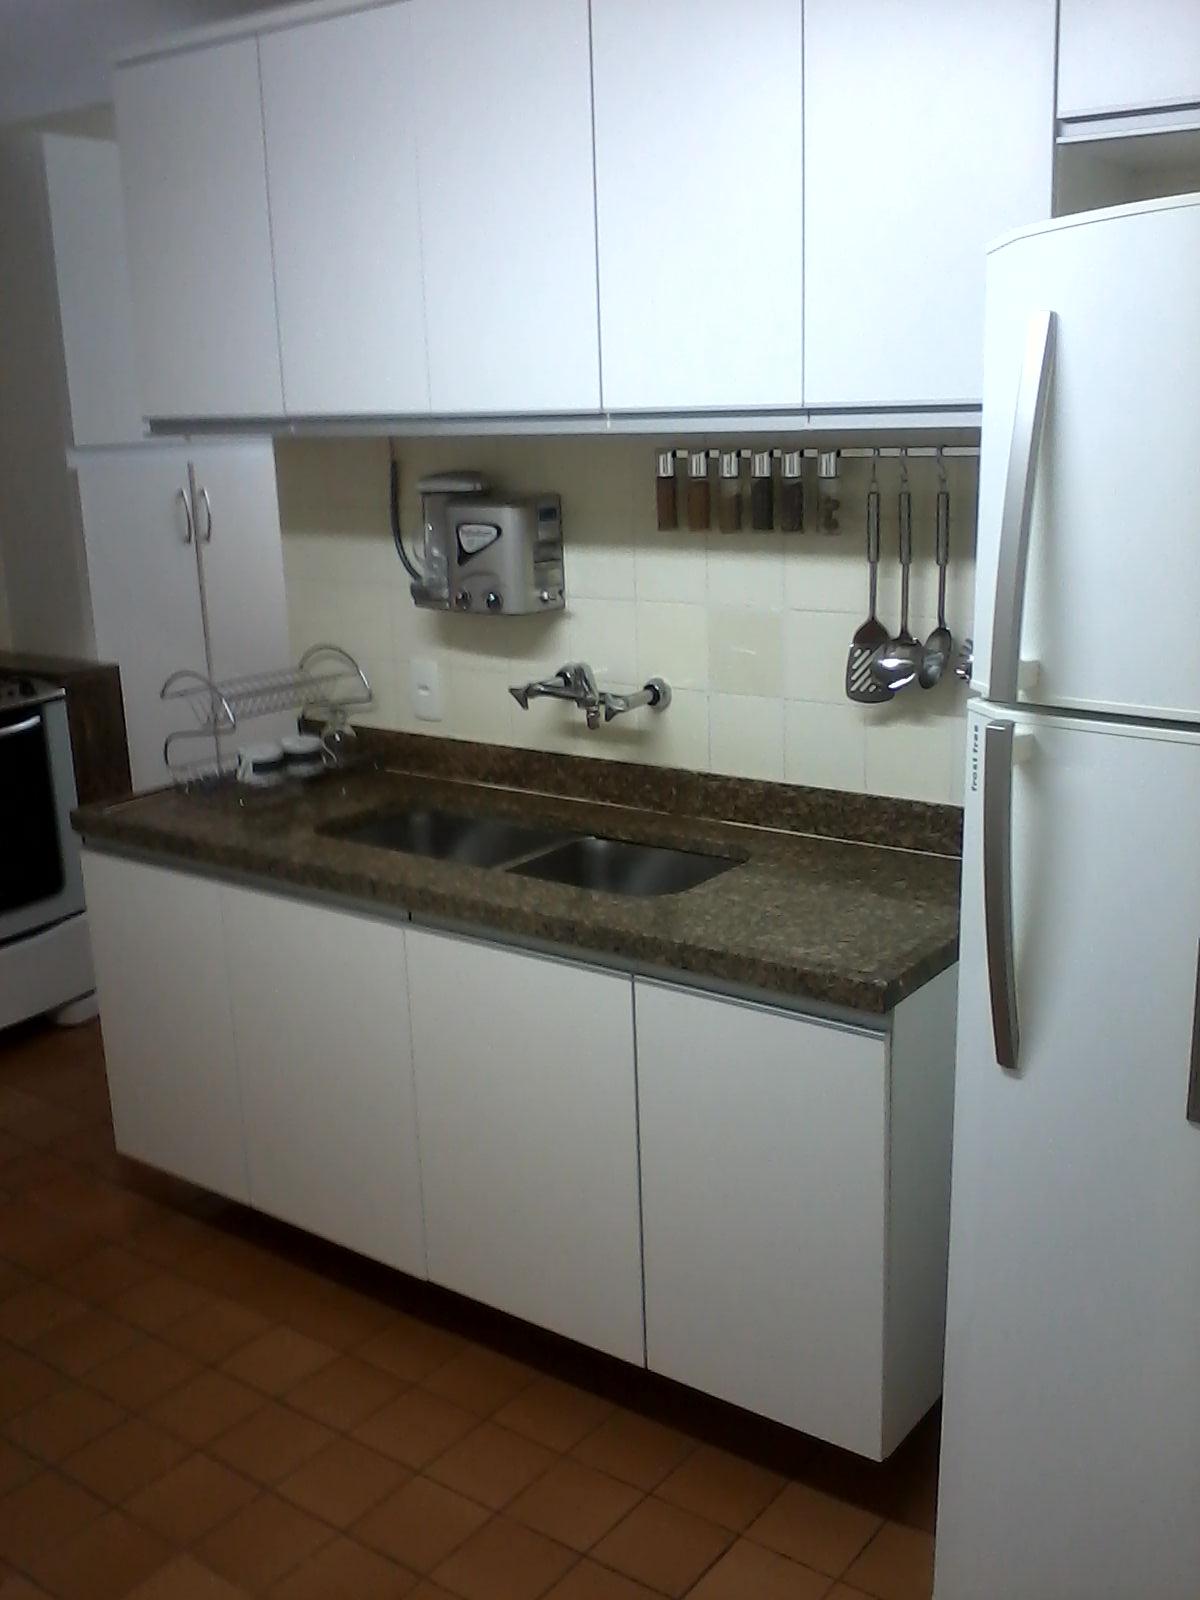 Ambientes & Ideias: Cozinha Planejada Vamos fazer uma? #3A2C1E 1200 1600